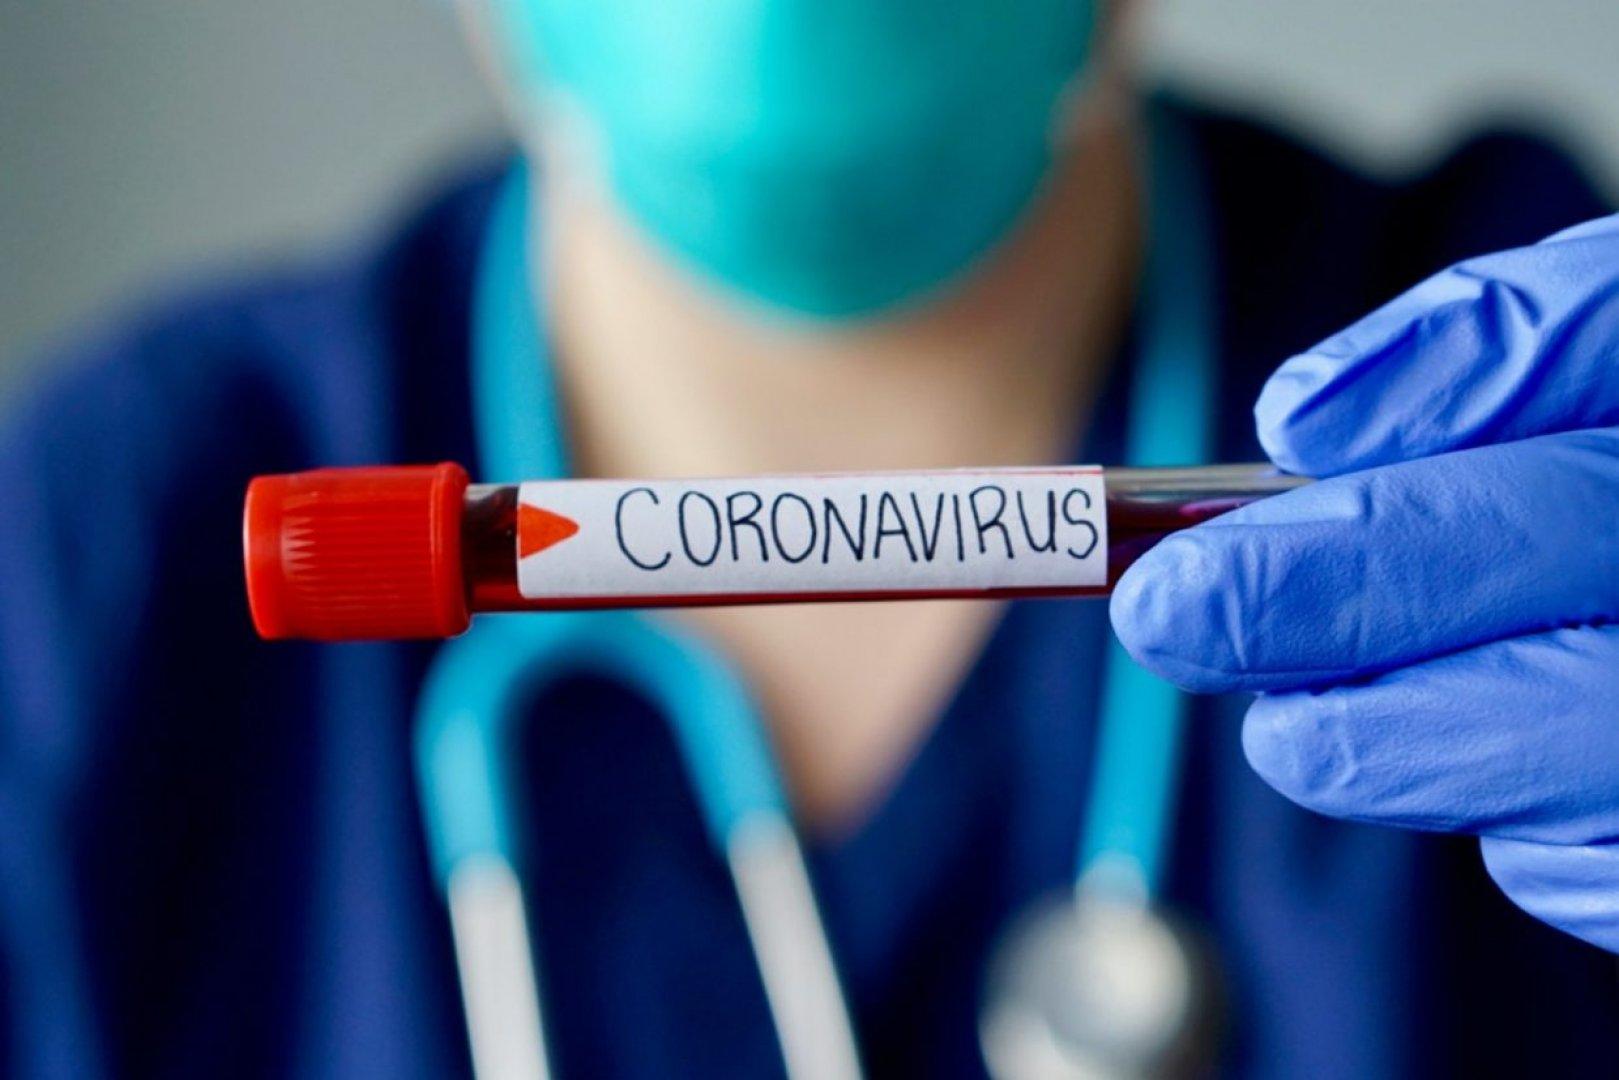 Потвърдените случаи чрезPCR теста са 1 993броя, а чрез бърз антигенен тест - 1 476. Снимката е илюстративна